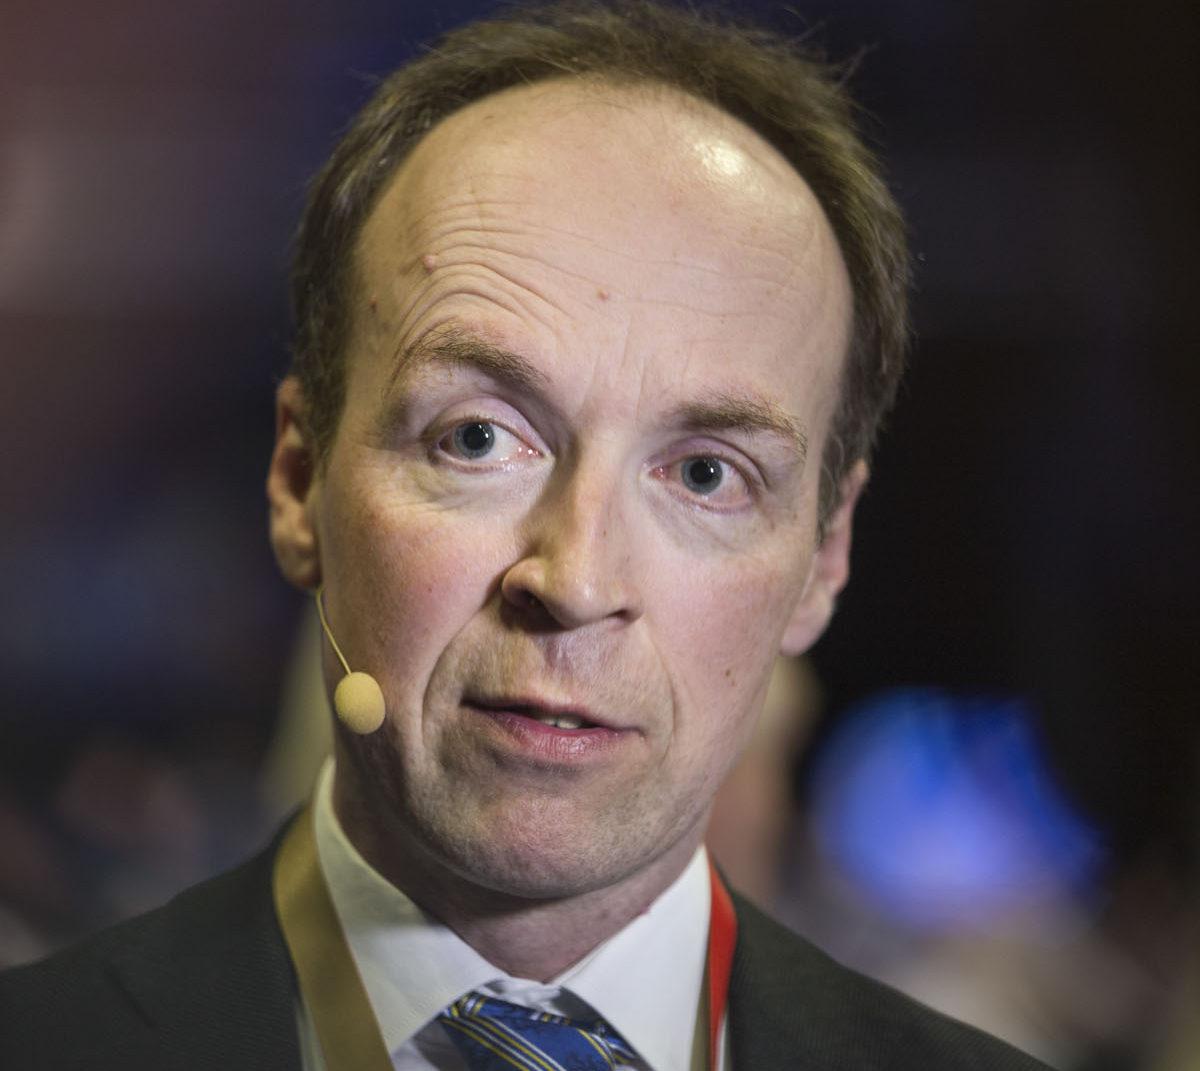 Puolueen uusi puheenjohtaja Jussi Halla-aho perussuomalaisten puoluekokouksessa Jyväskylässä 10. kesäkuuta 2017.